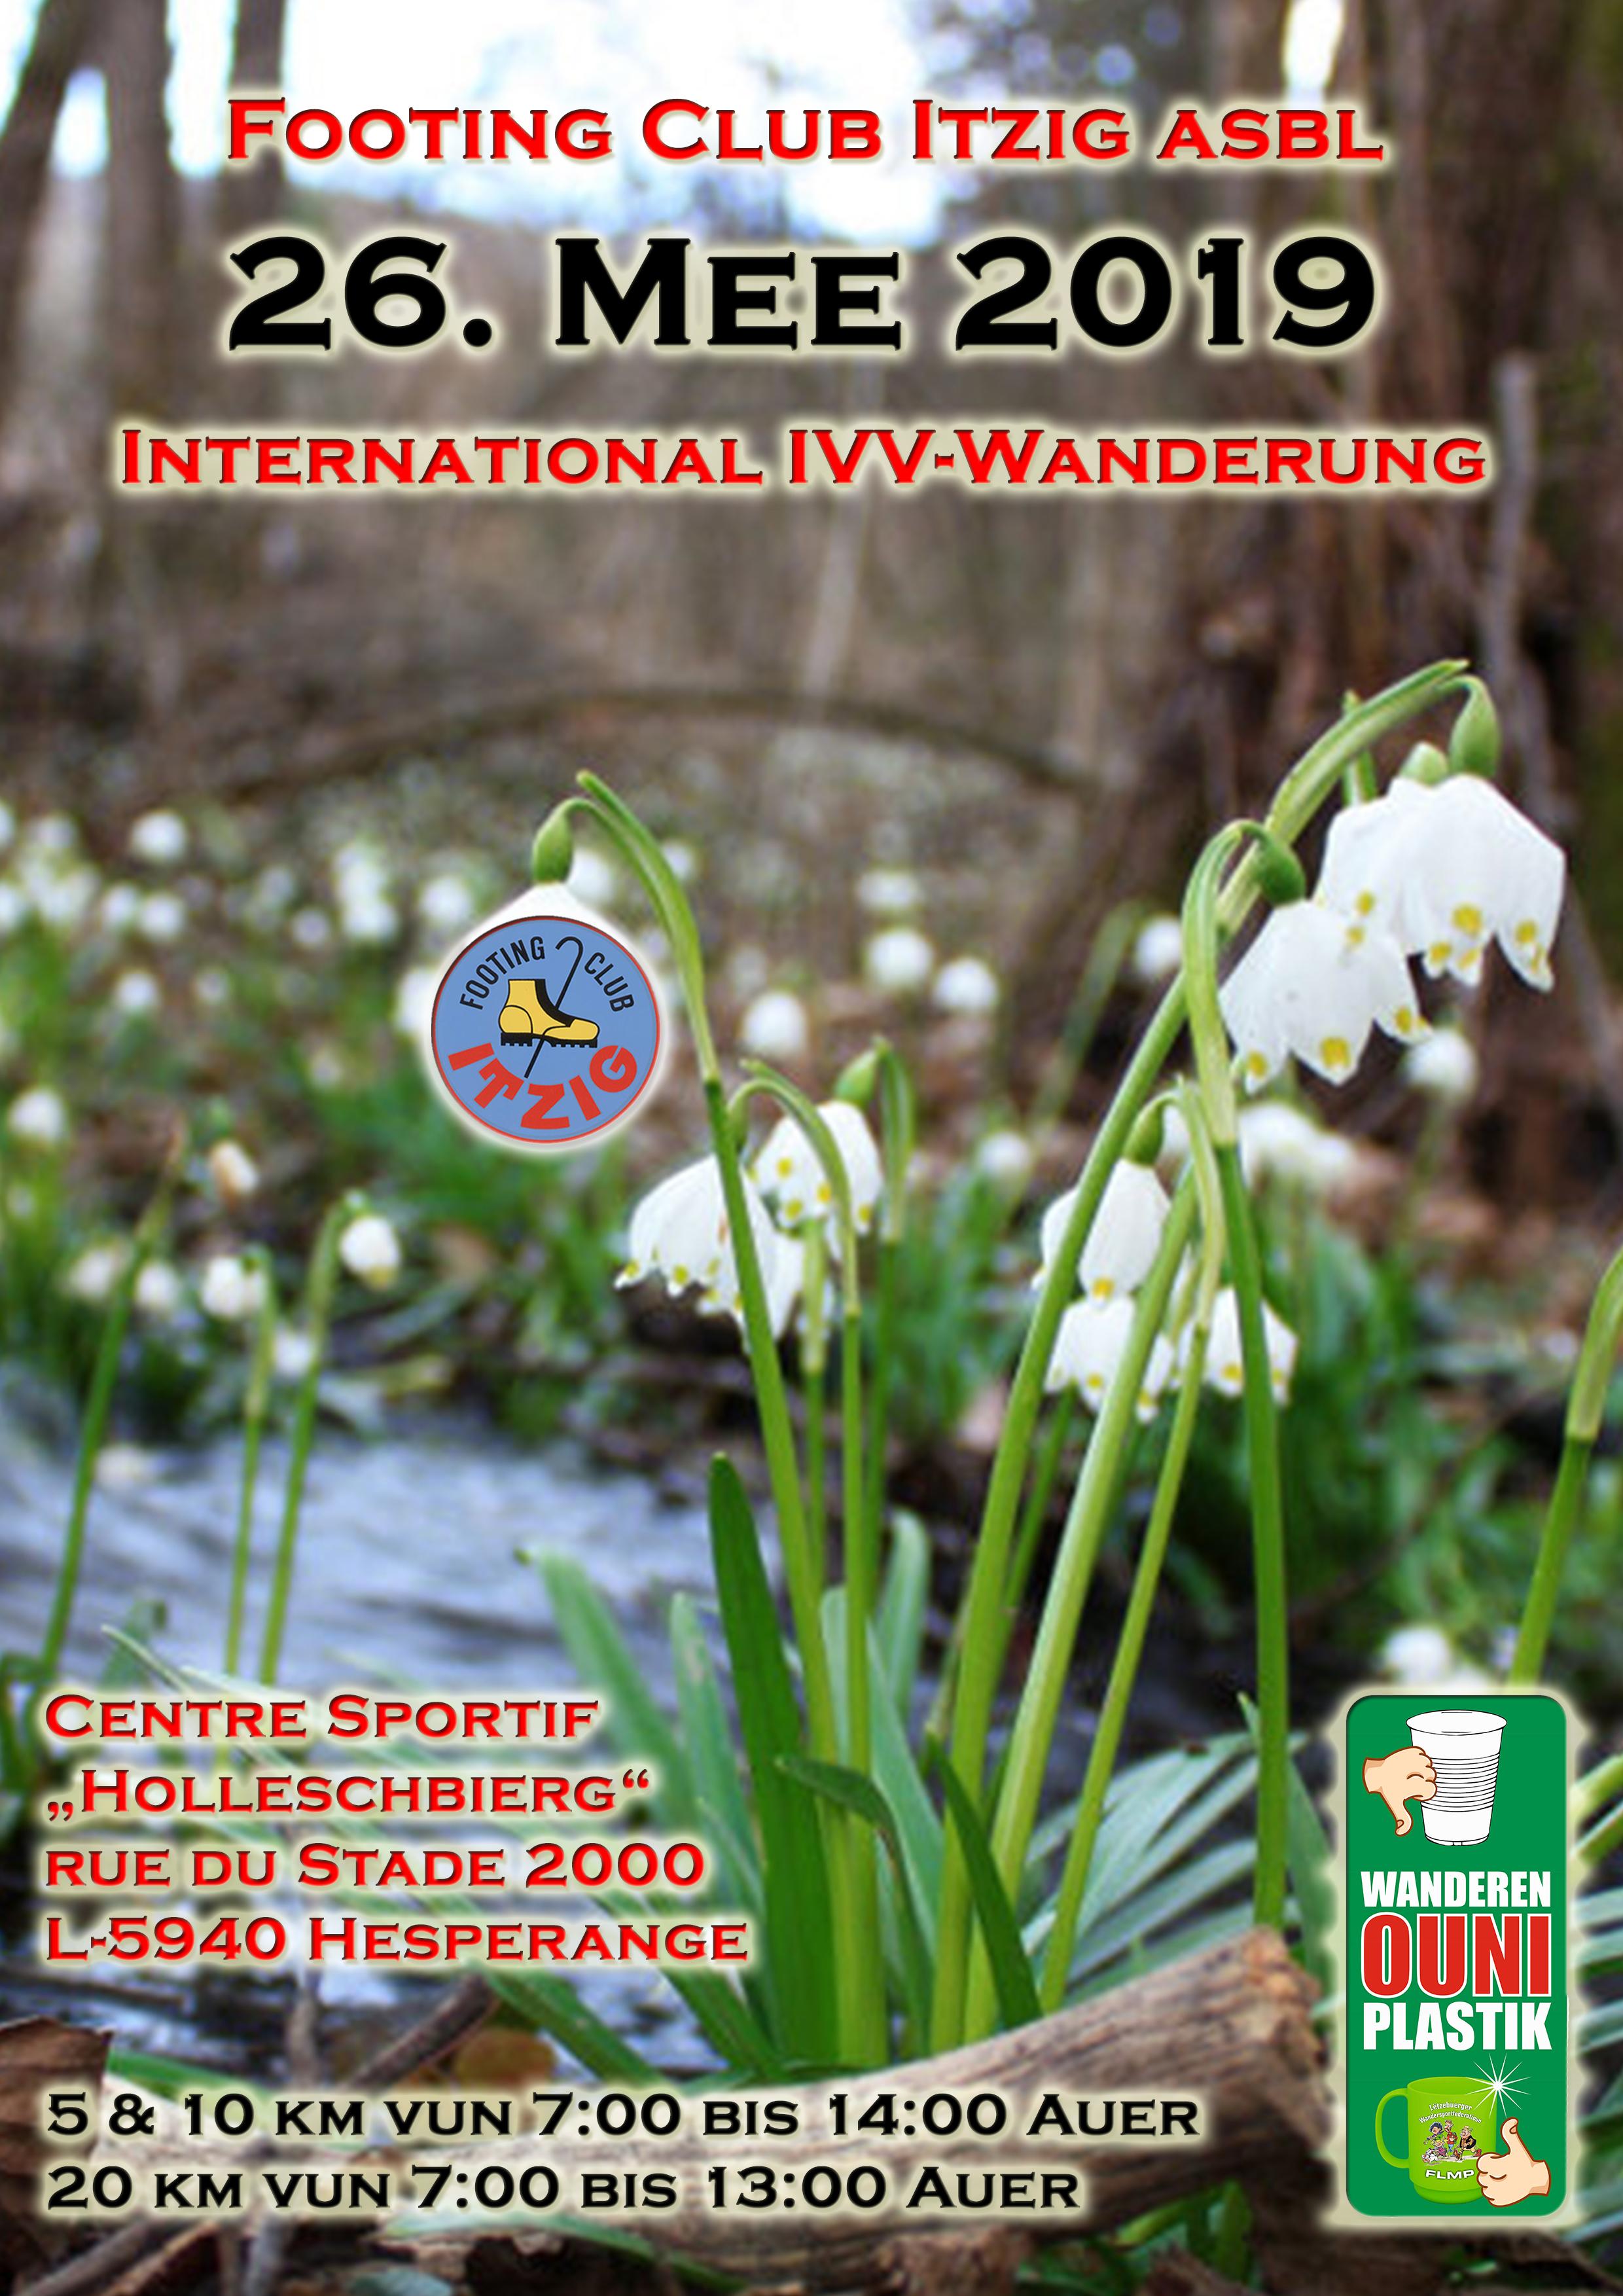 International Wanderung